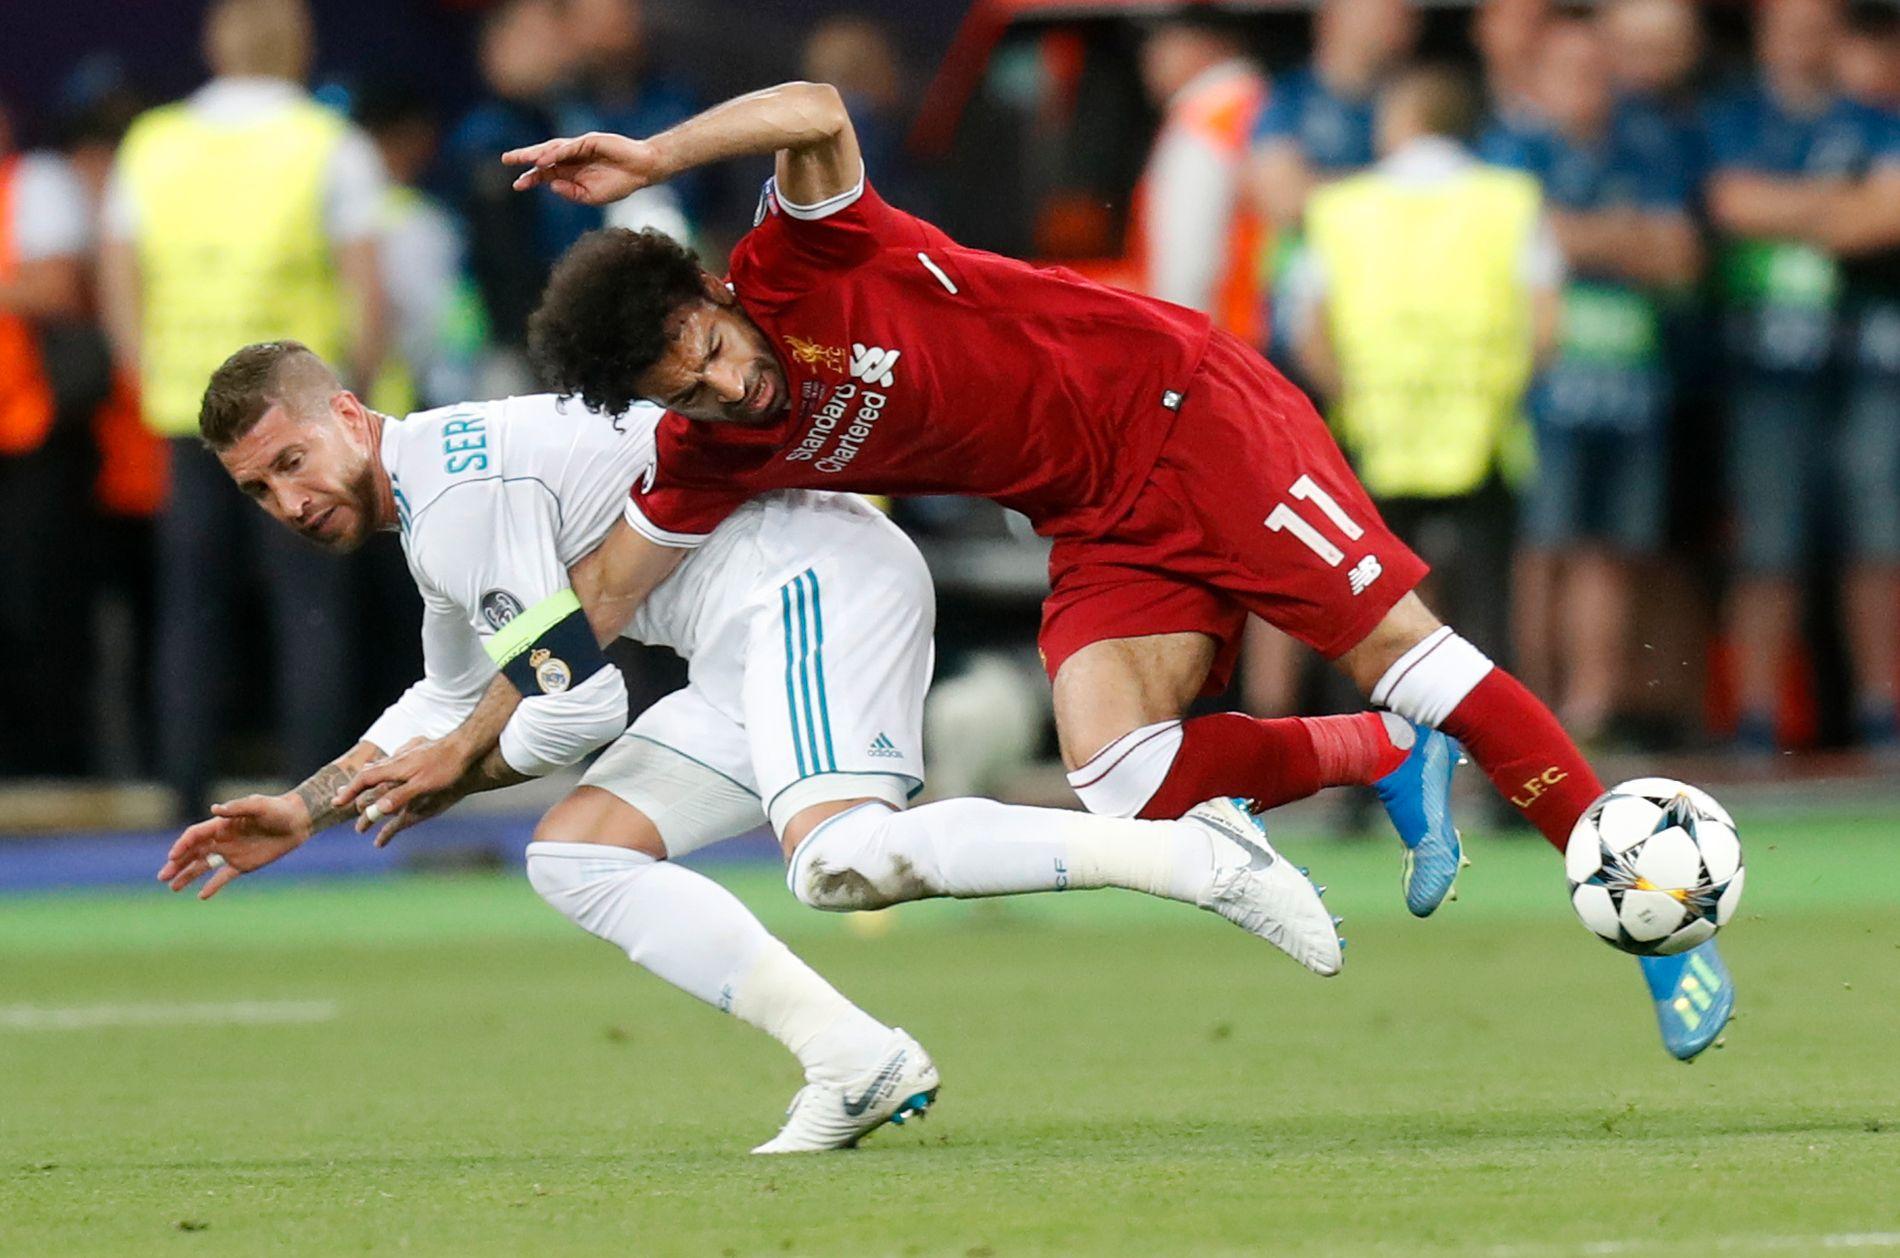 SKADET: Her er situasjonen der Sergio Ramos blir beskyldt for å ha skadet skulderen til Mohamed Salah med vilje under Champions League-finalen.